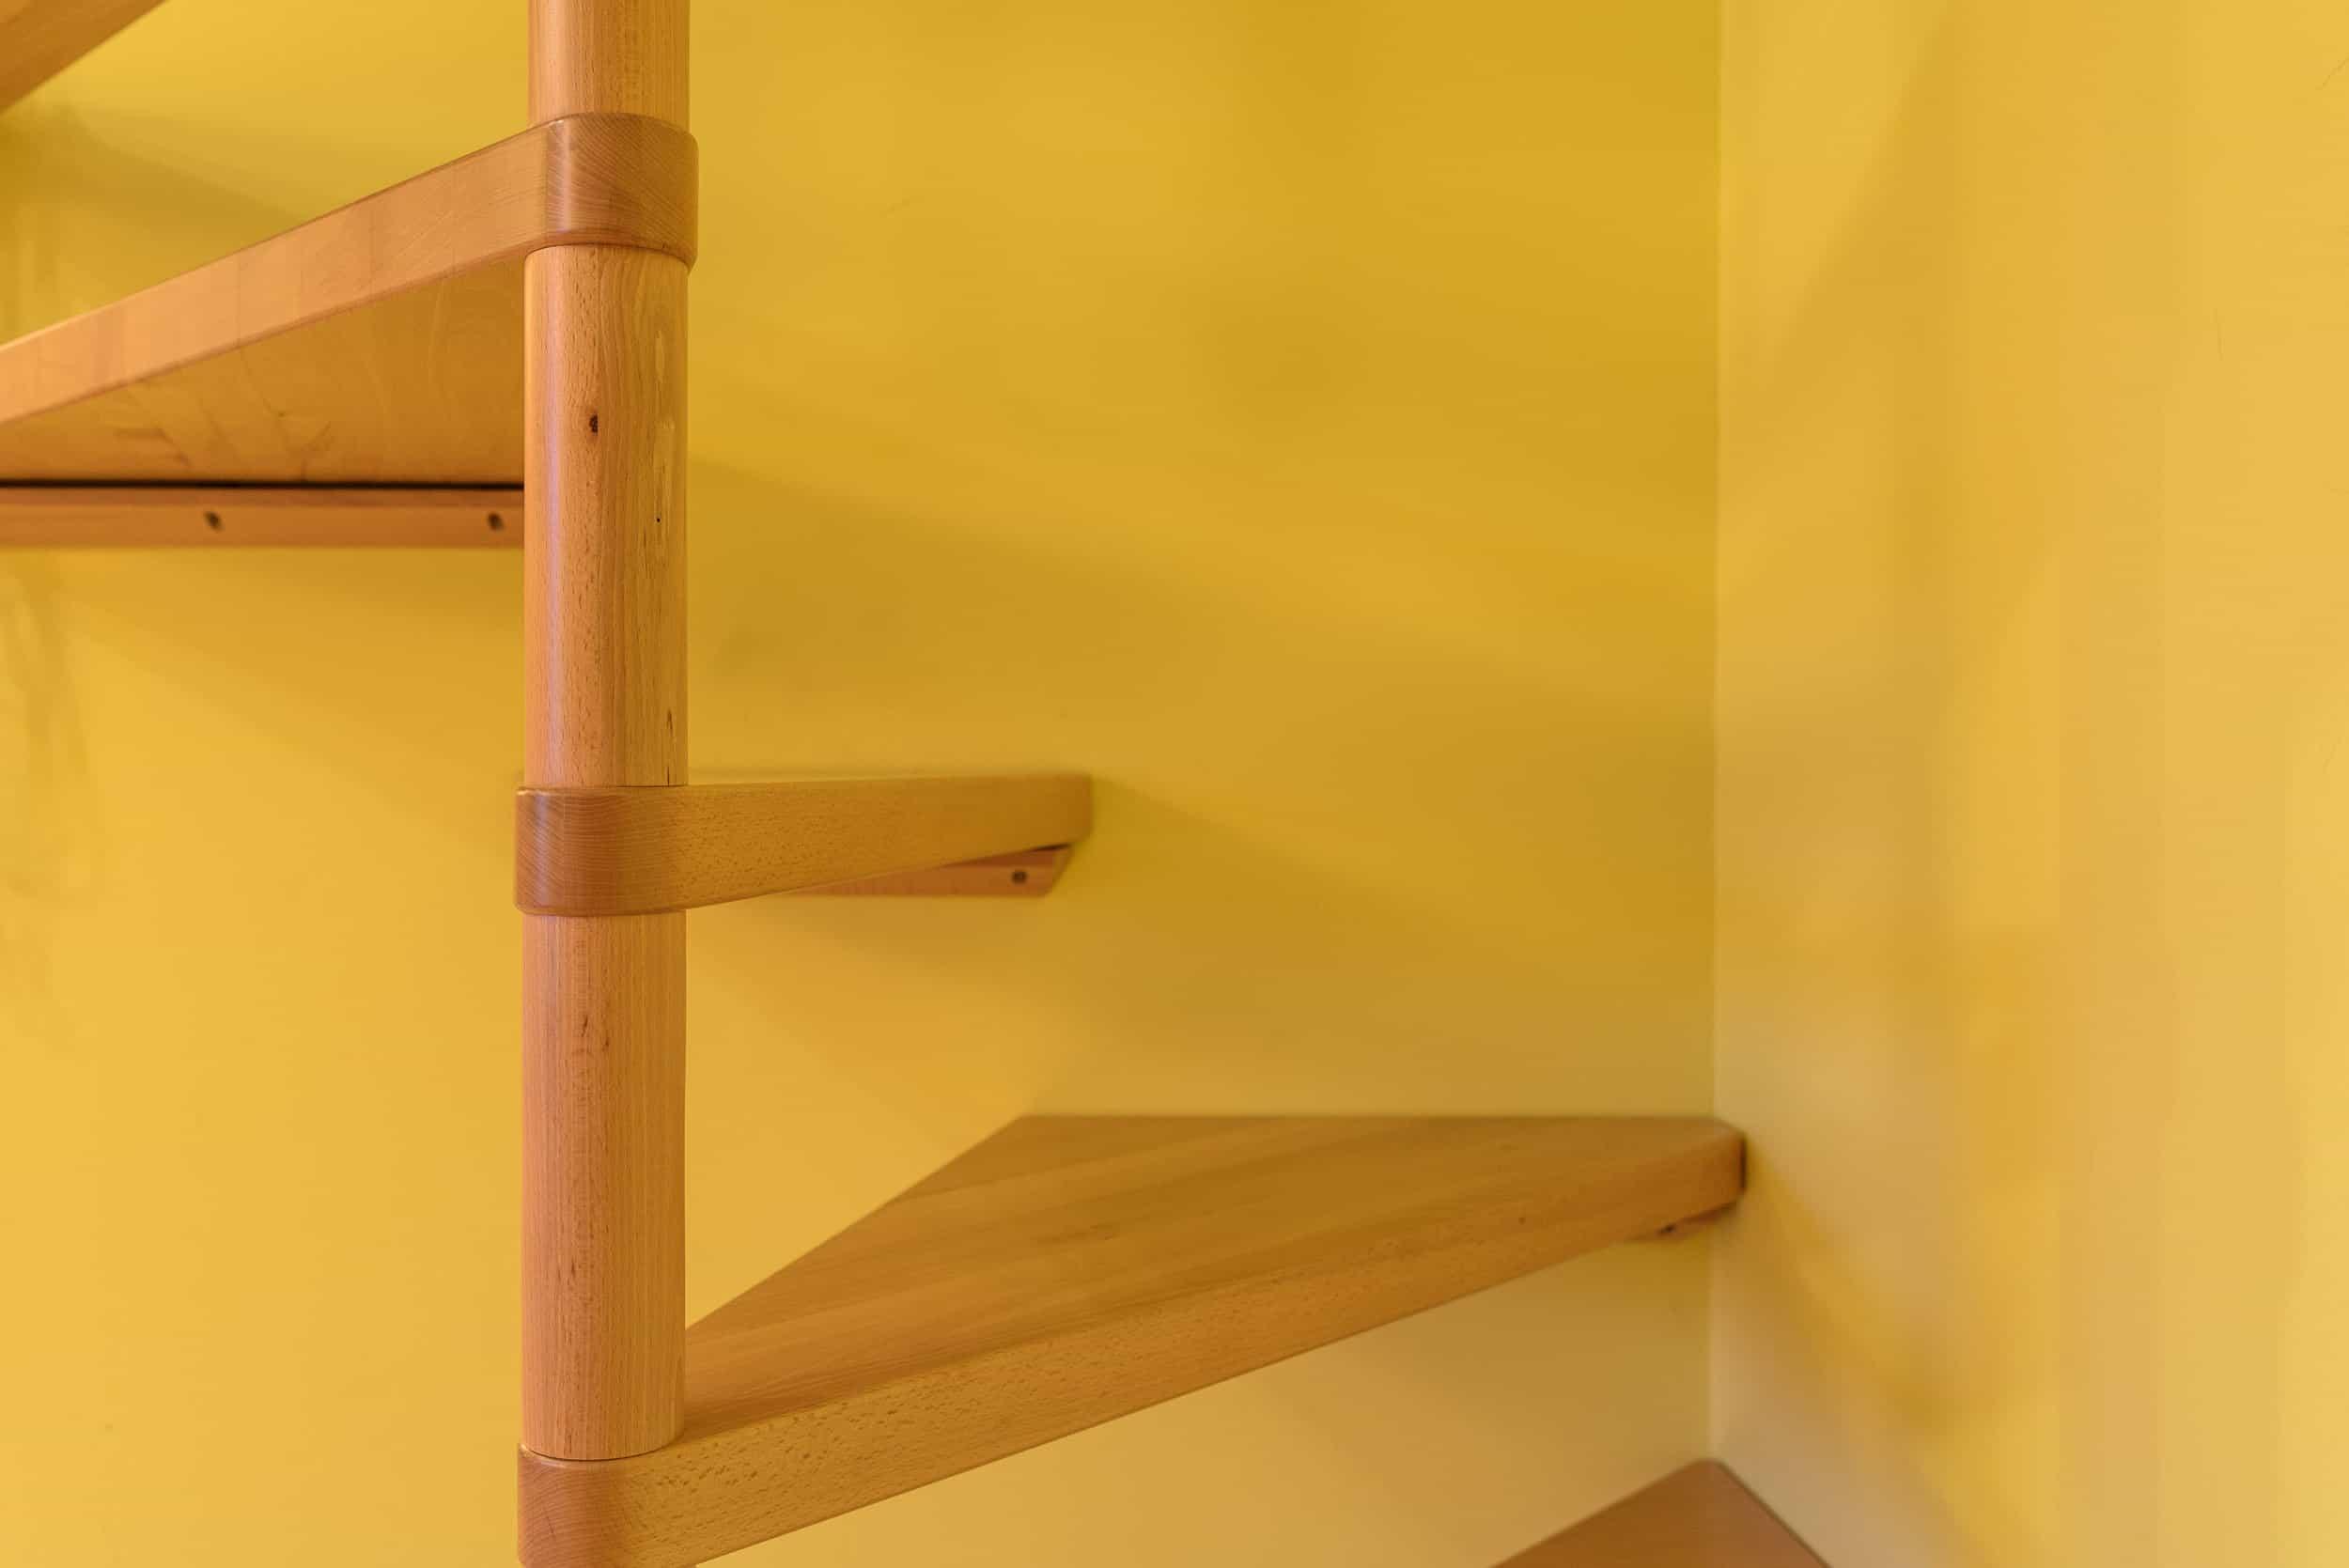 Spindeltreppe aus massivem Holz in den Spitzboden